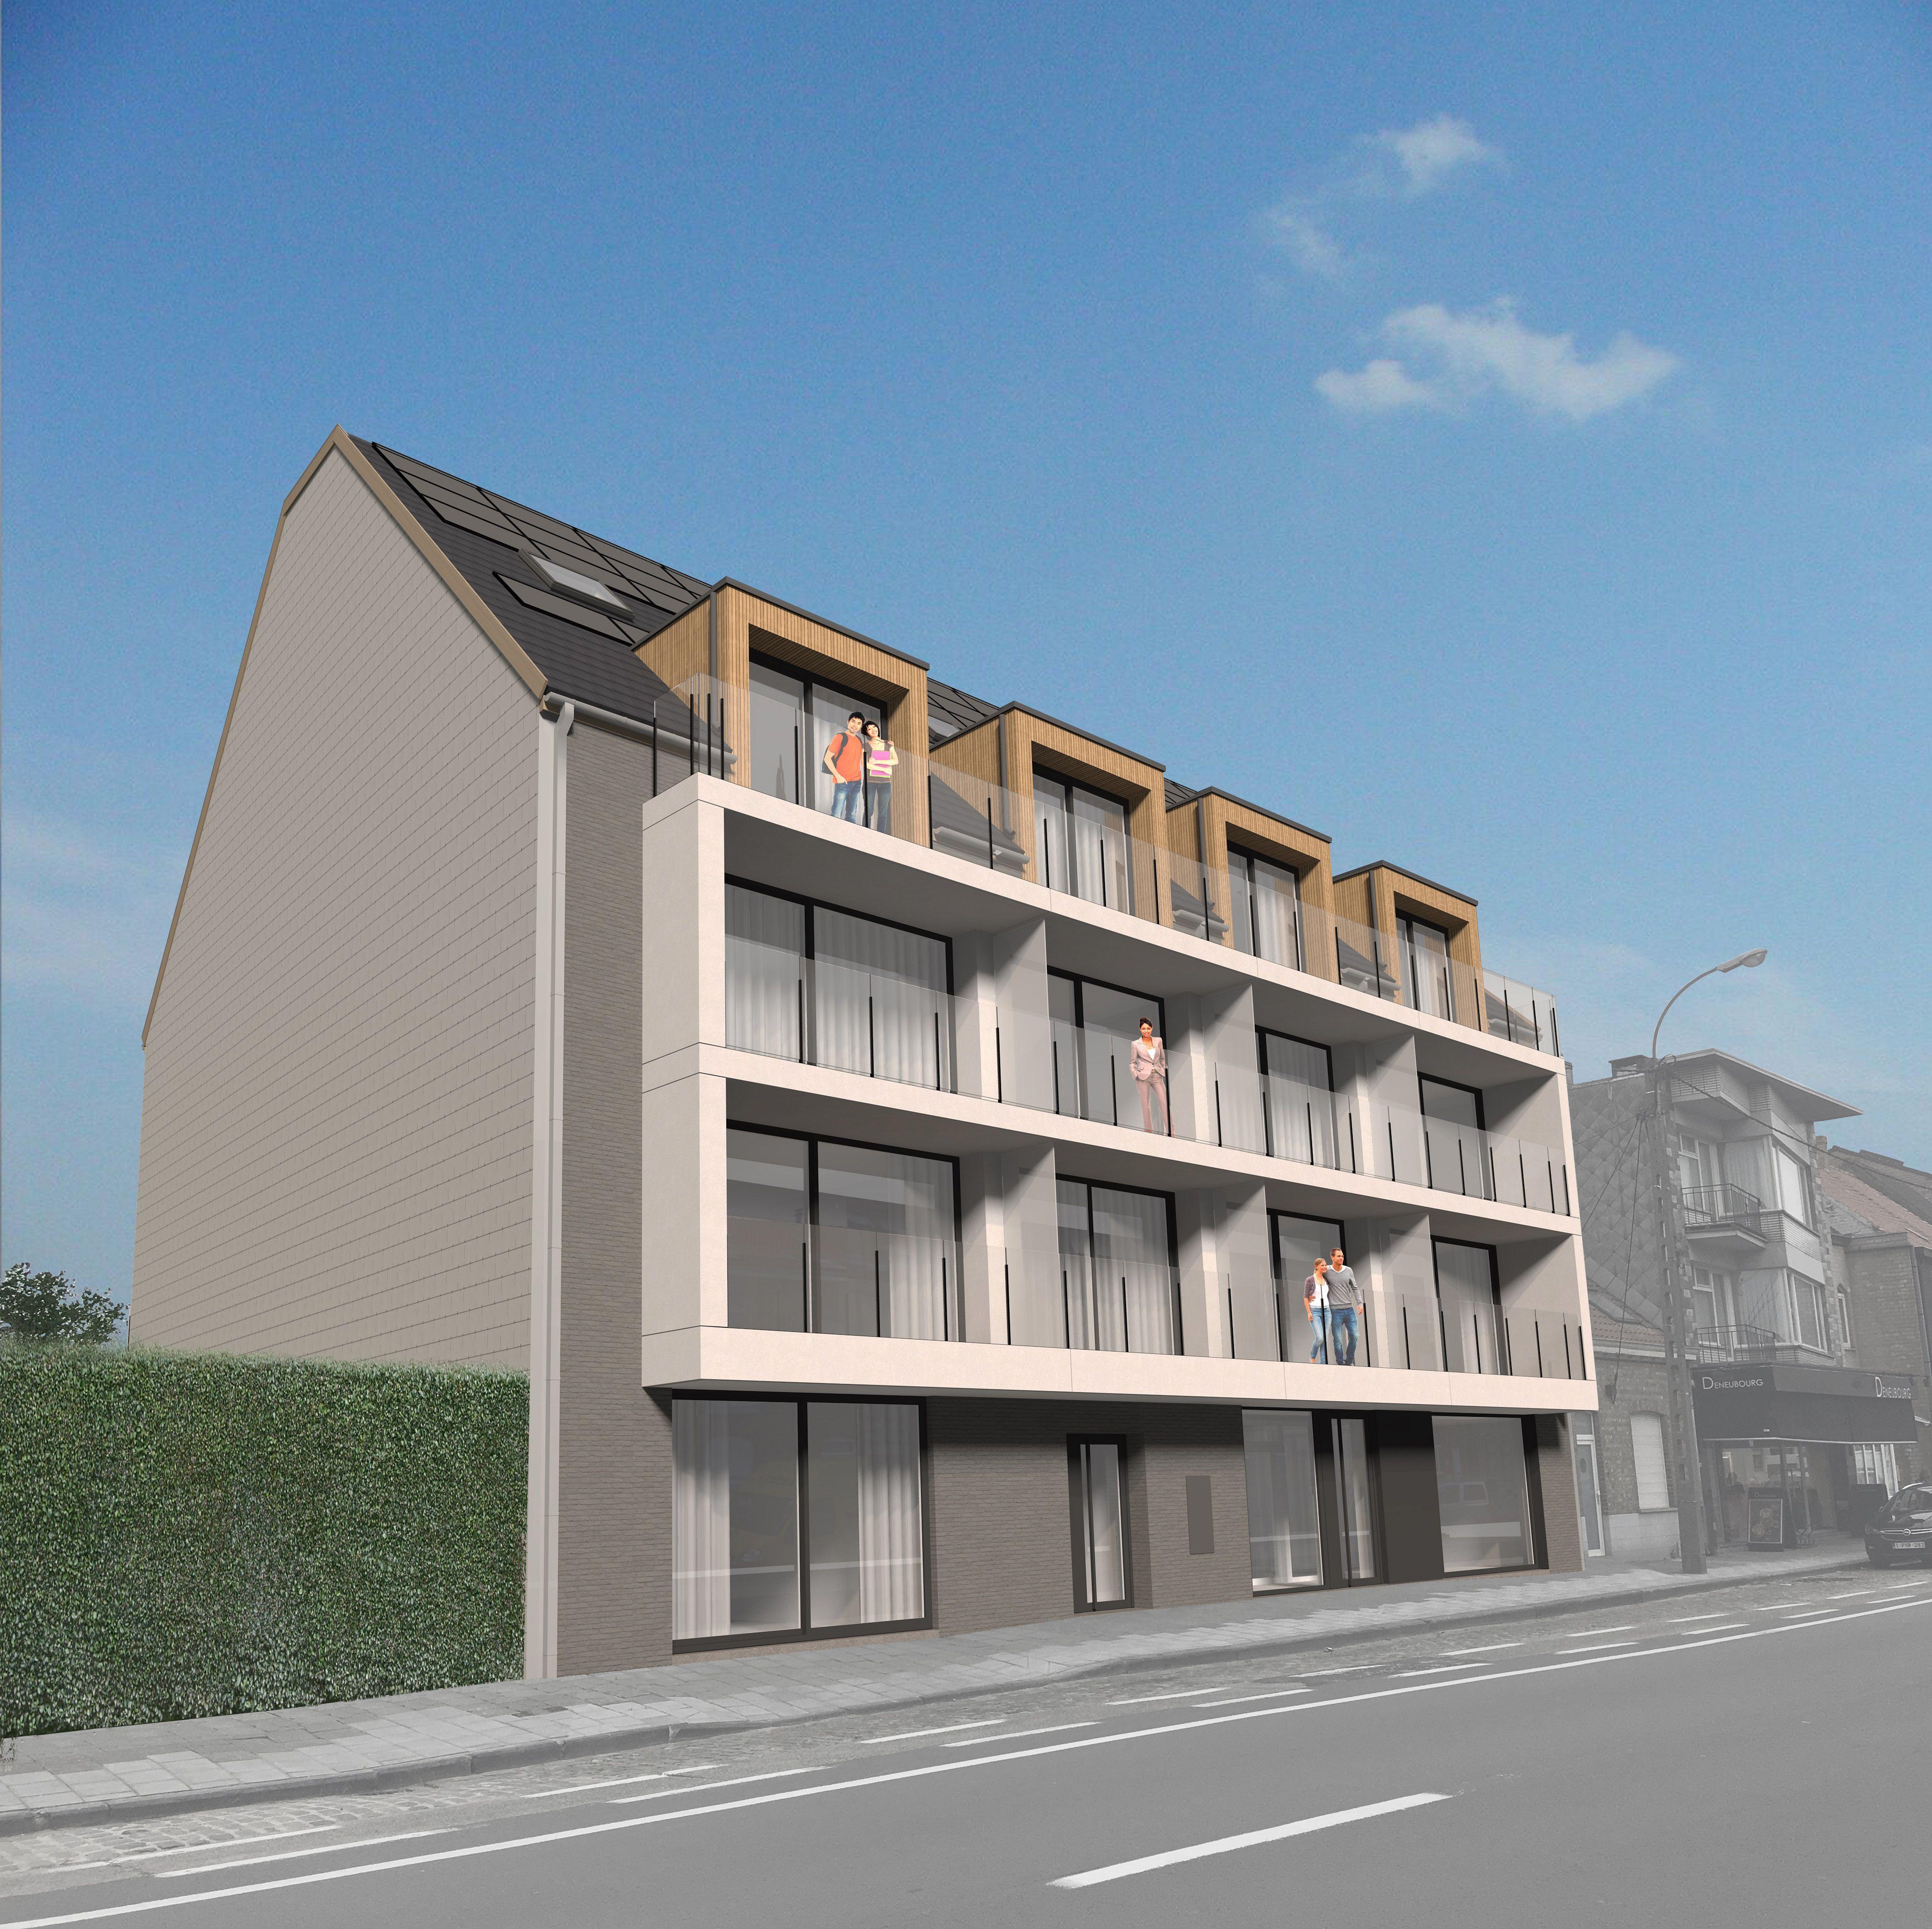 Nieuwbouwappartement met 2 slaapkamers te huur - 10533